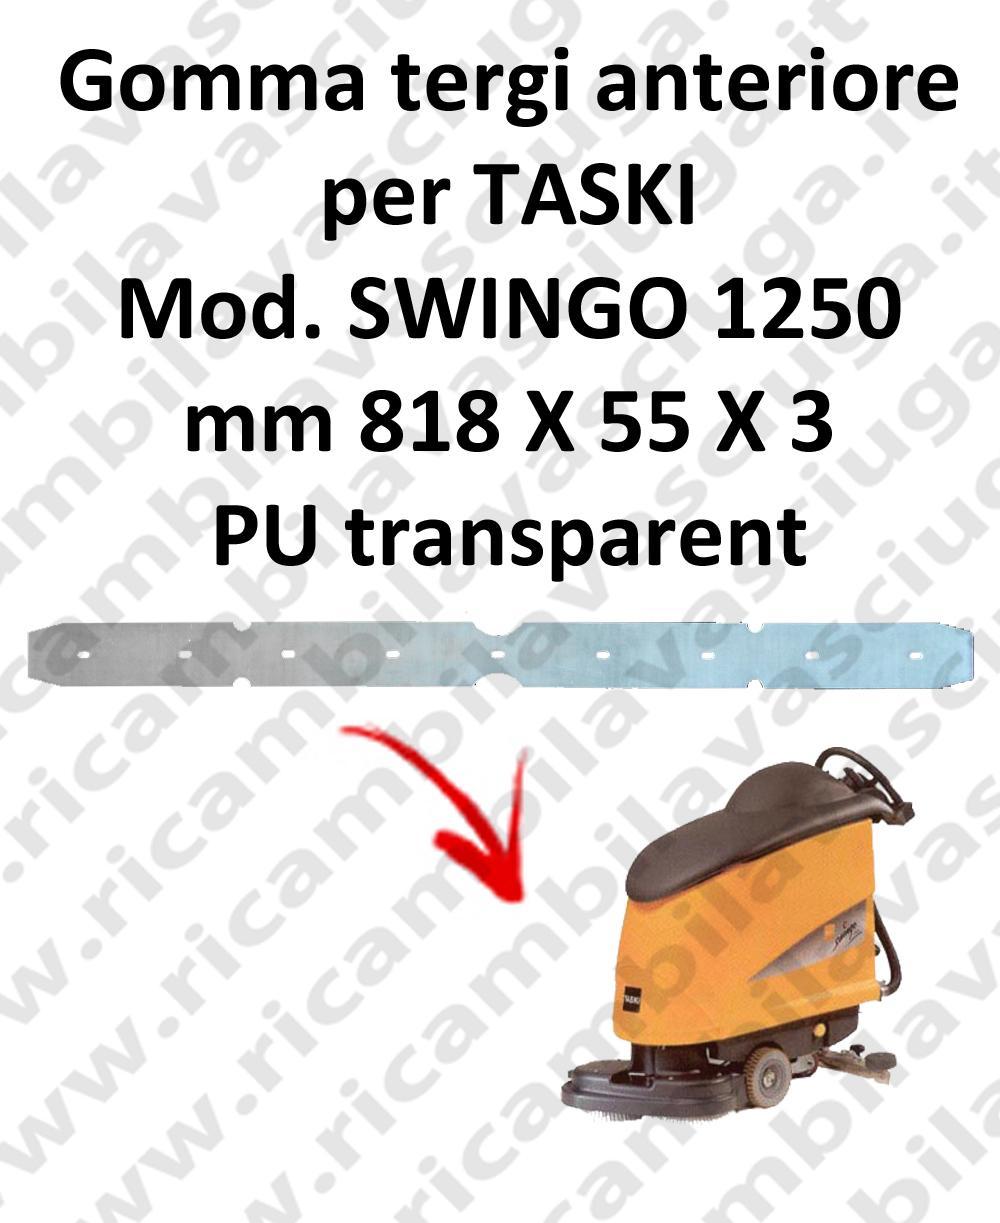 Gomma tergi anteriore per lavapavimenti TASKI modello SWINGO 1250